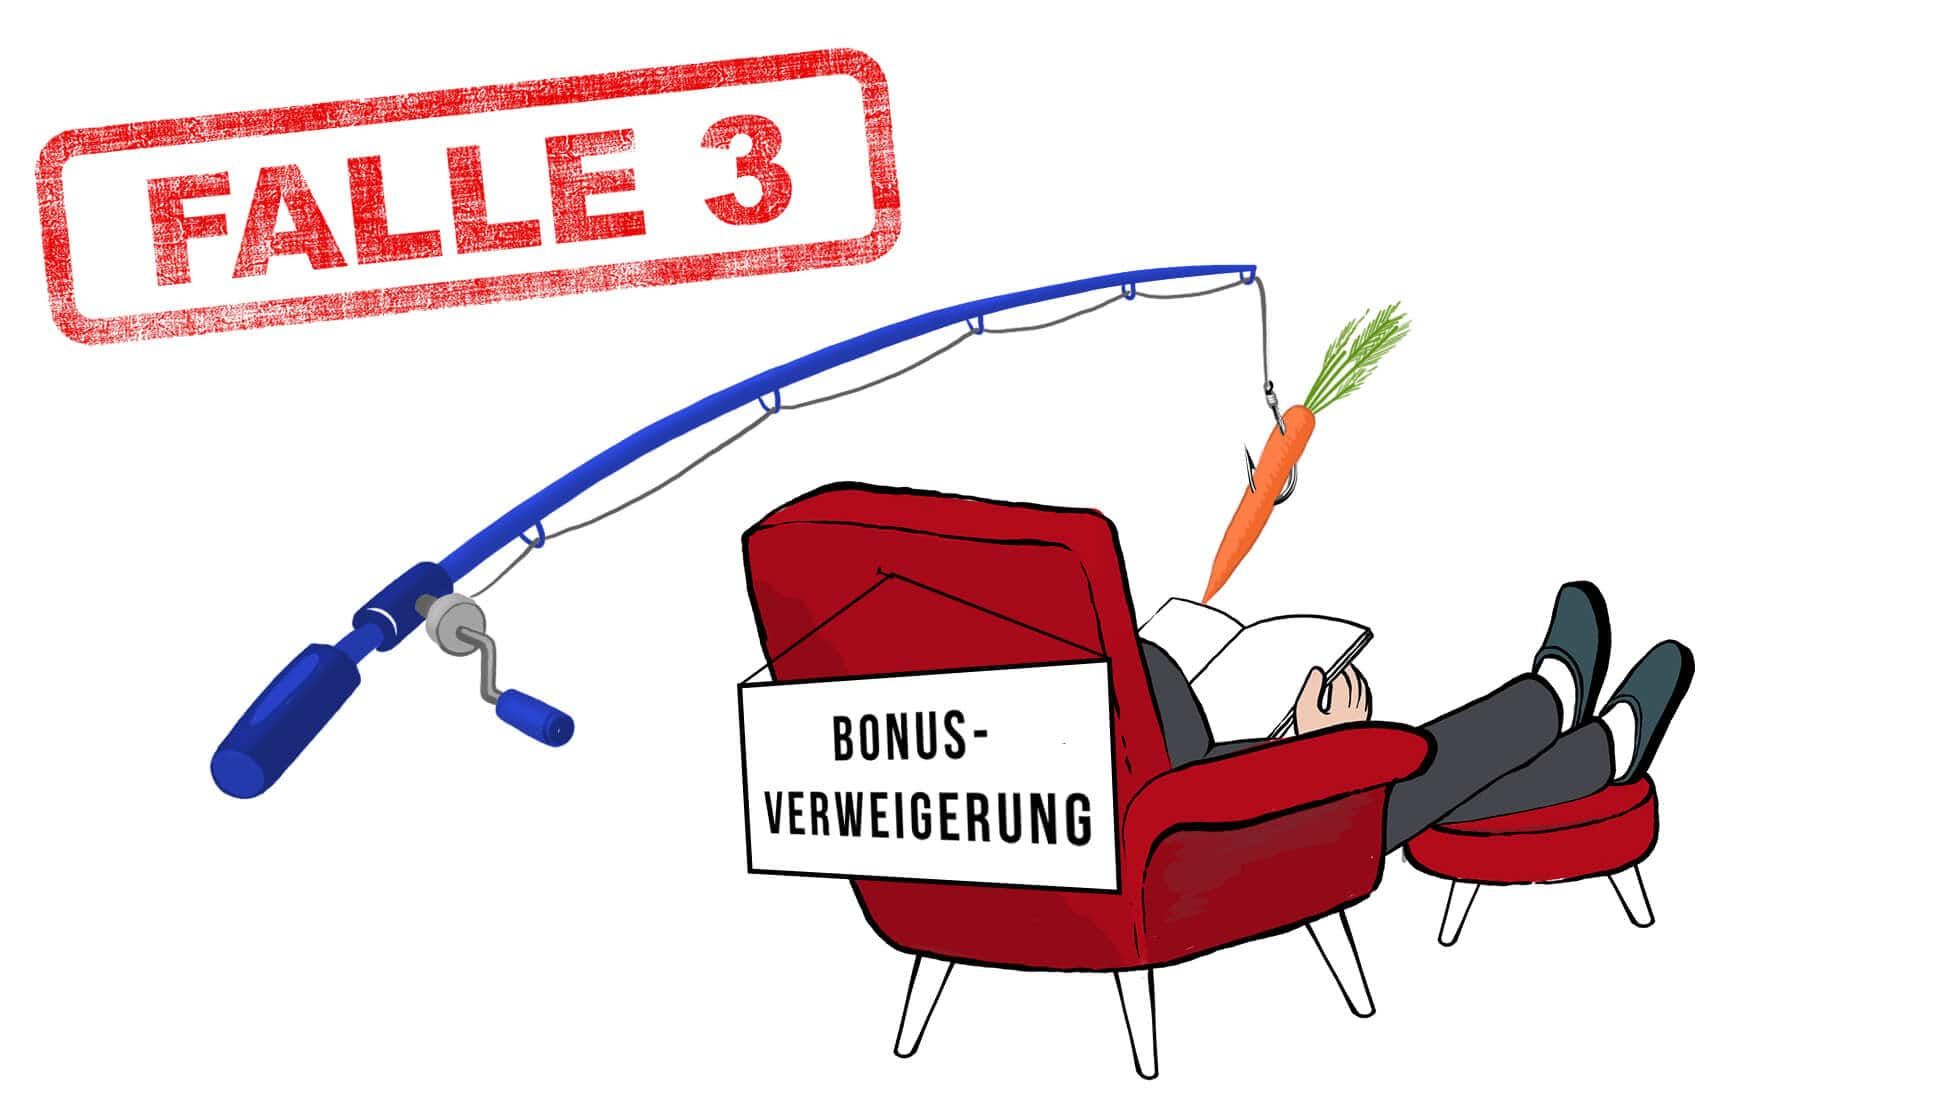 Stromvergleich Falle 3: Der Verbraucher sitzt mit dem Rücken zum Betrachter in einem roten Sessel. Auf dem Sesselrücken ist ein Schild befestigt (Bonus-Verweigerung). Über dem Verbraucher hängt eine blaue Angel, an dessen Ende eine Karotte befestigt ist.